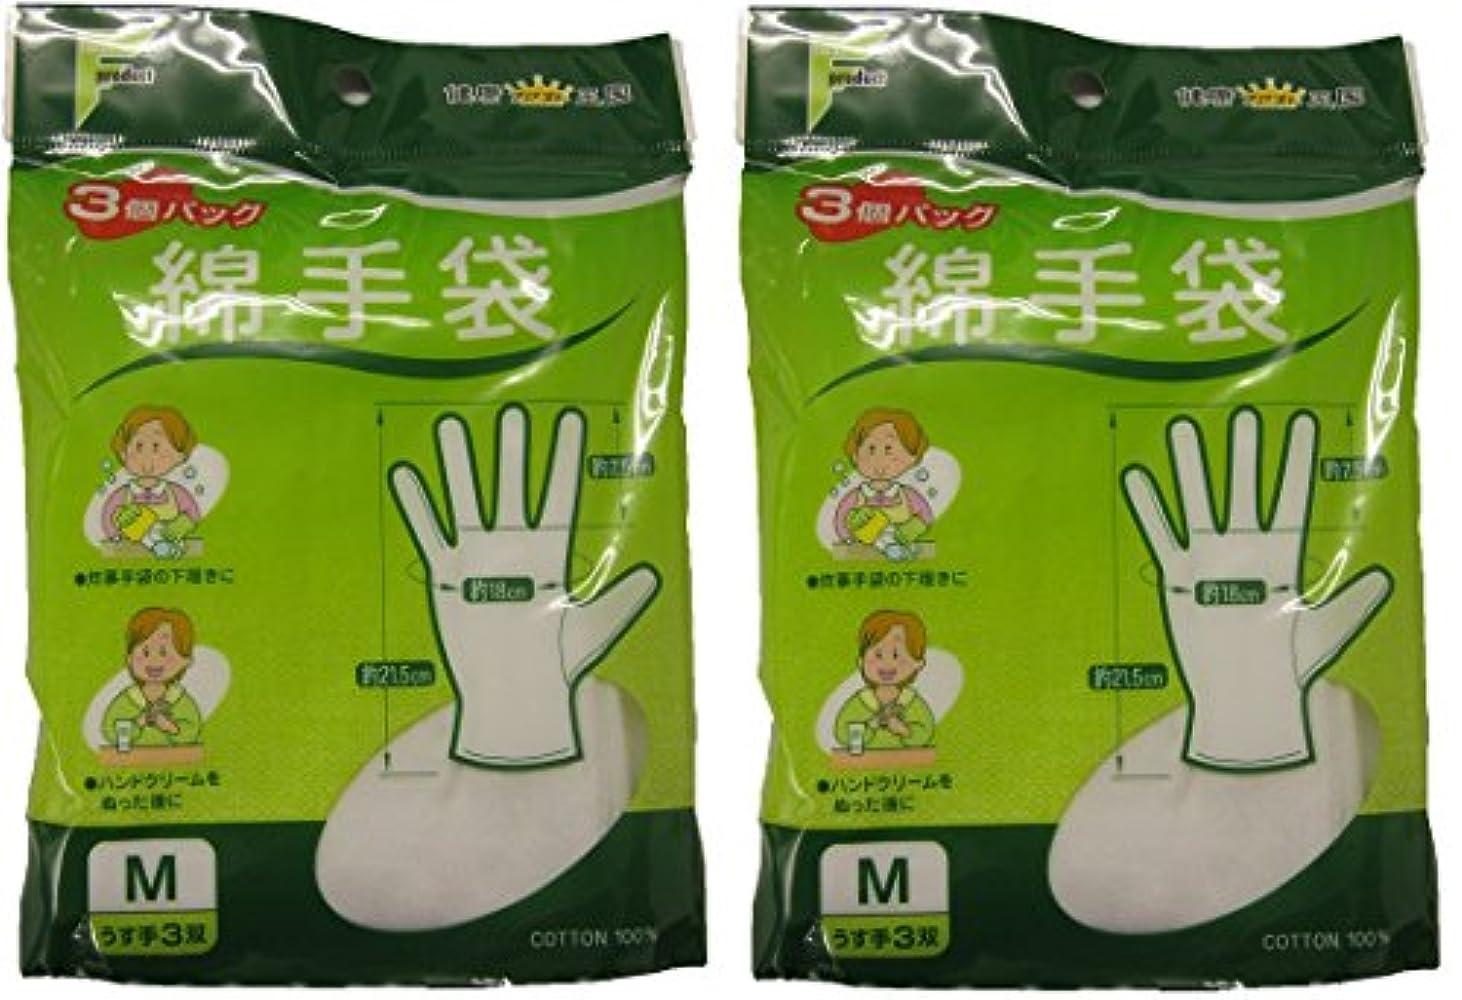 最大限空中富ファスト綿手袋 Mサイズ 3双 M3双【2個セット】